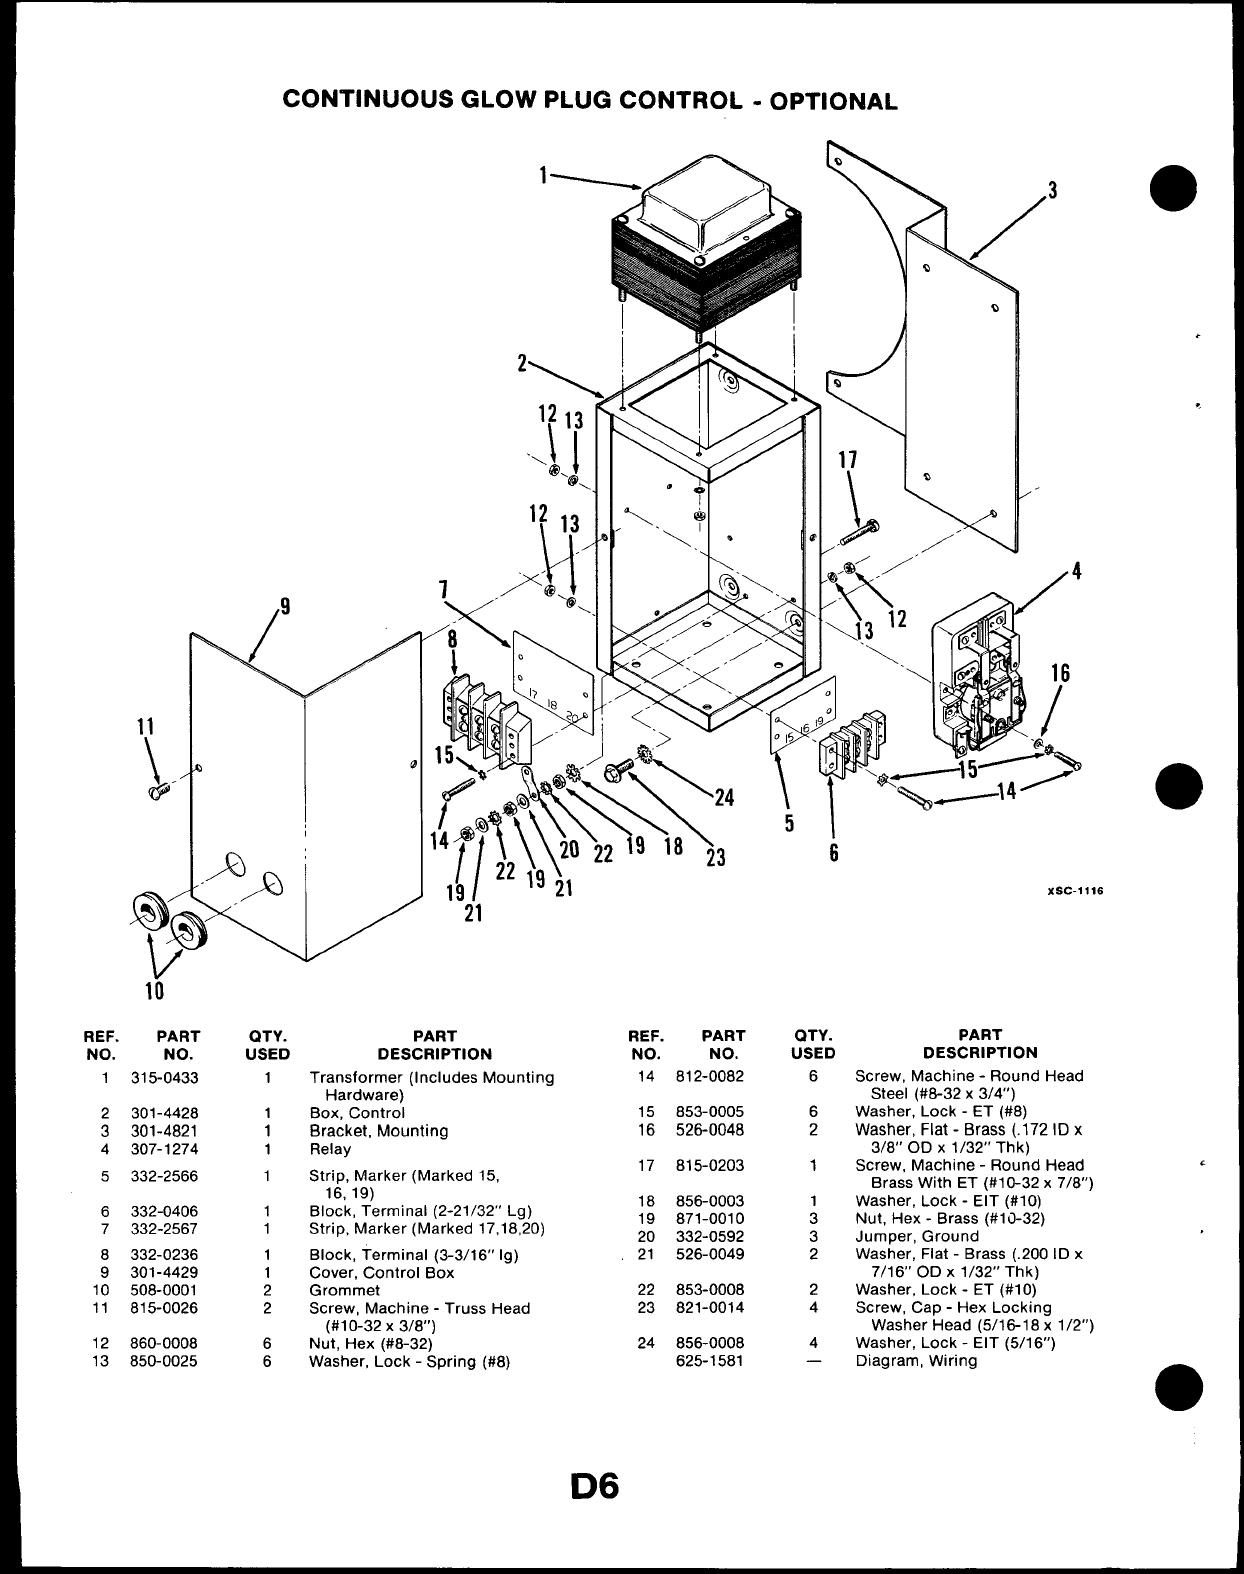 967 0224 Onan DJA (spec A V) Genset Parts Manual (07 1989)